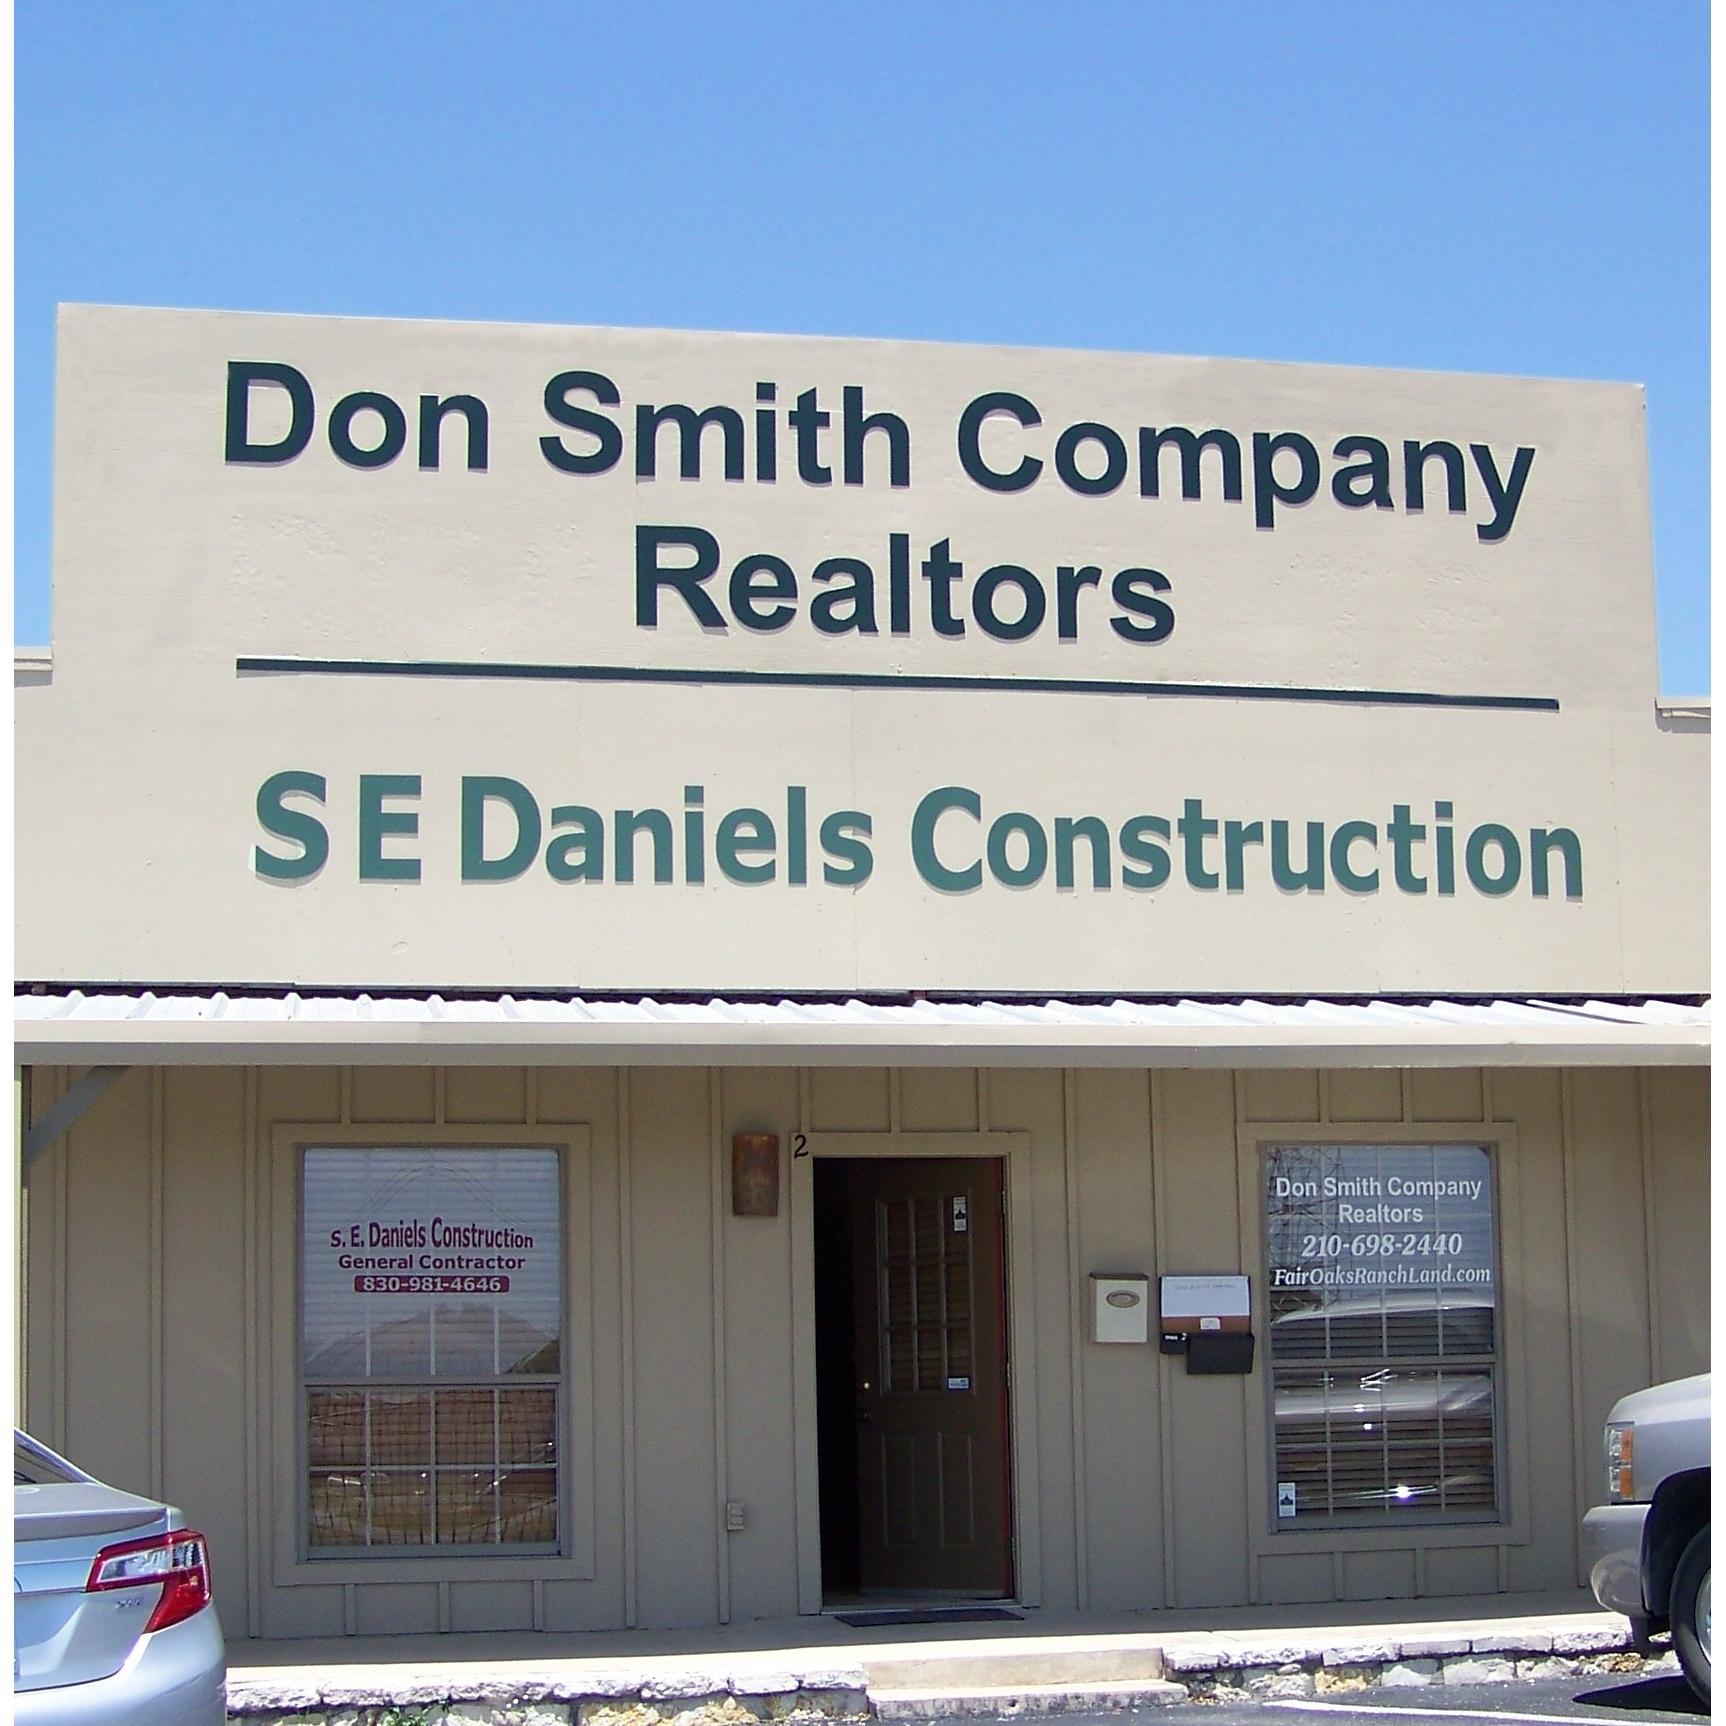 Don Smith Company Realtors